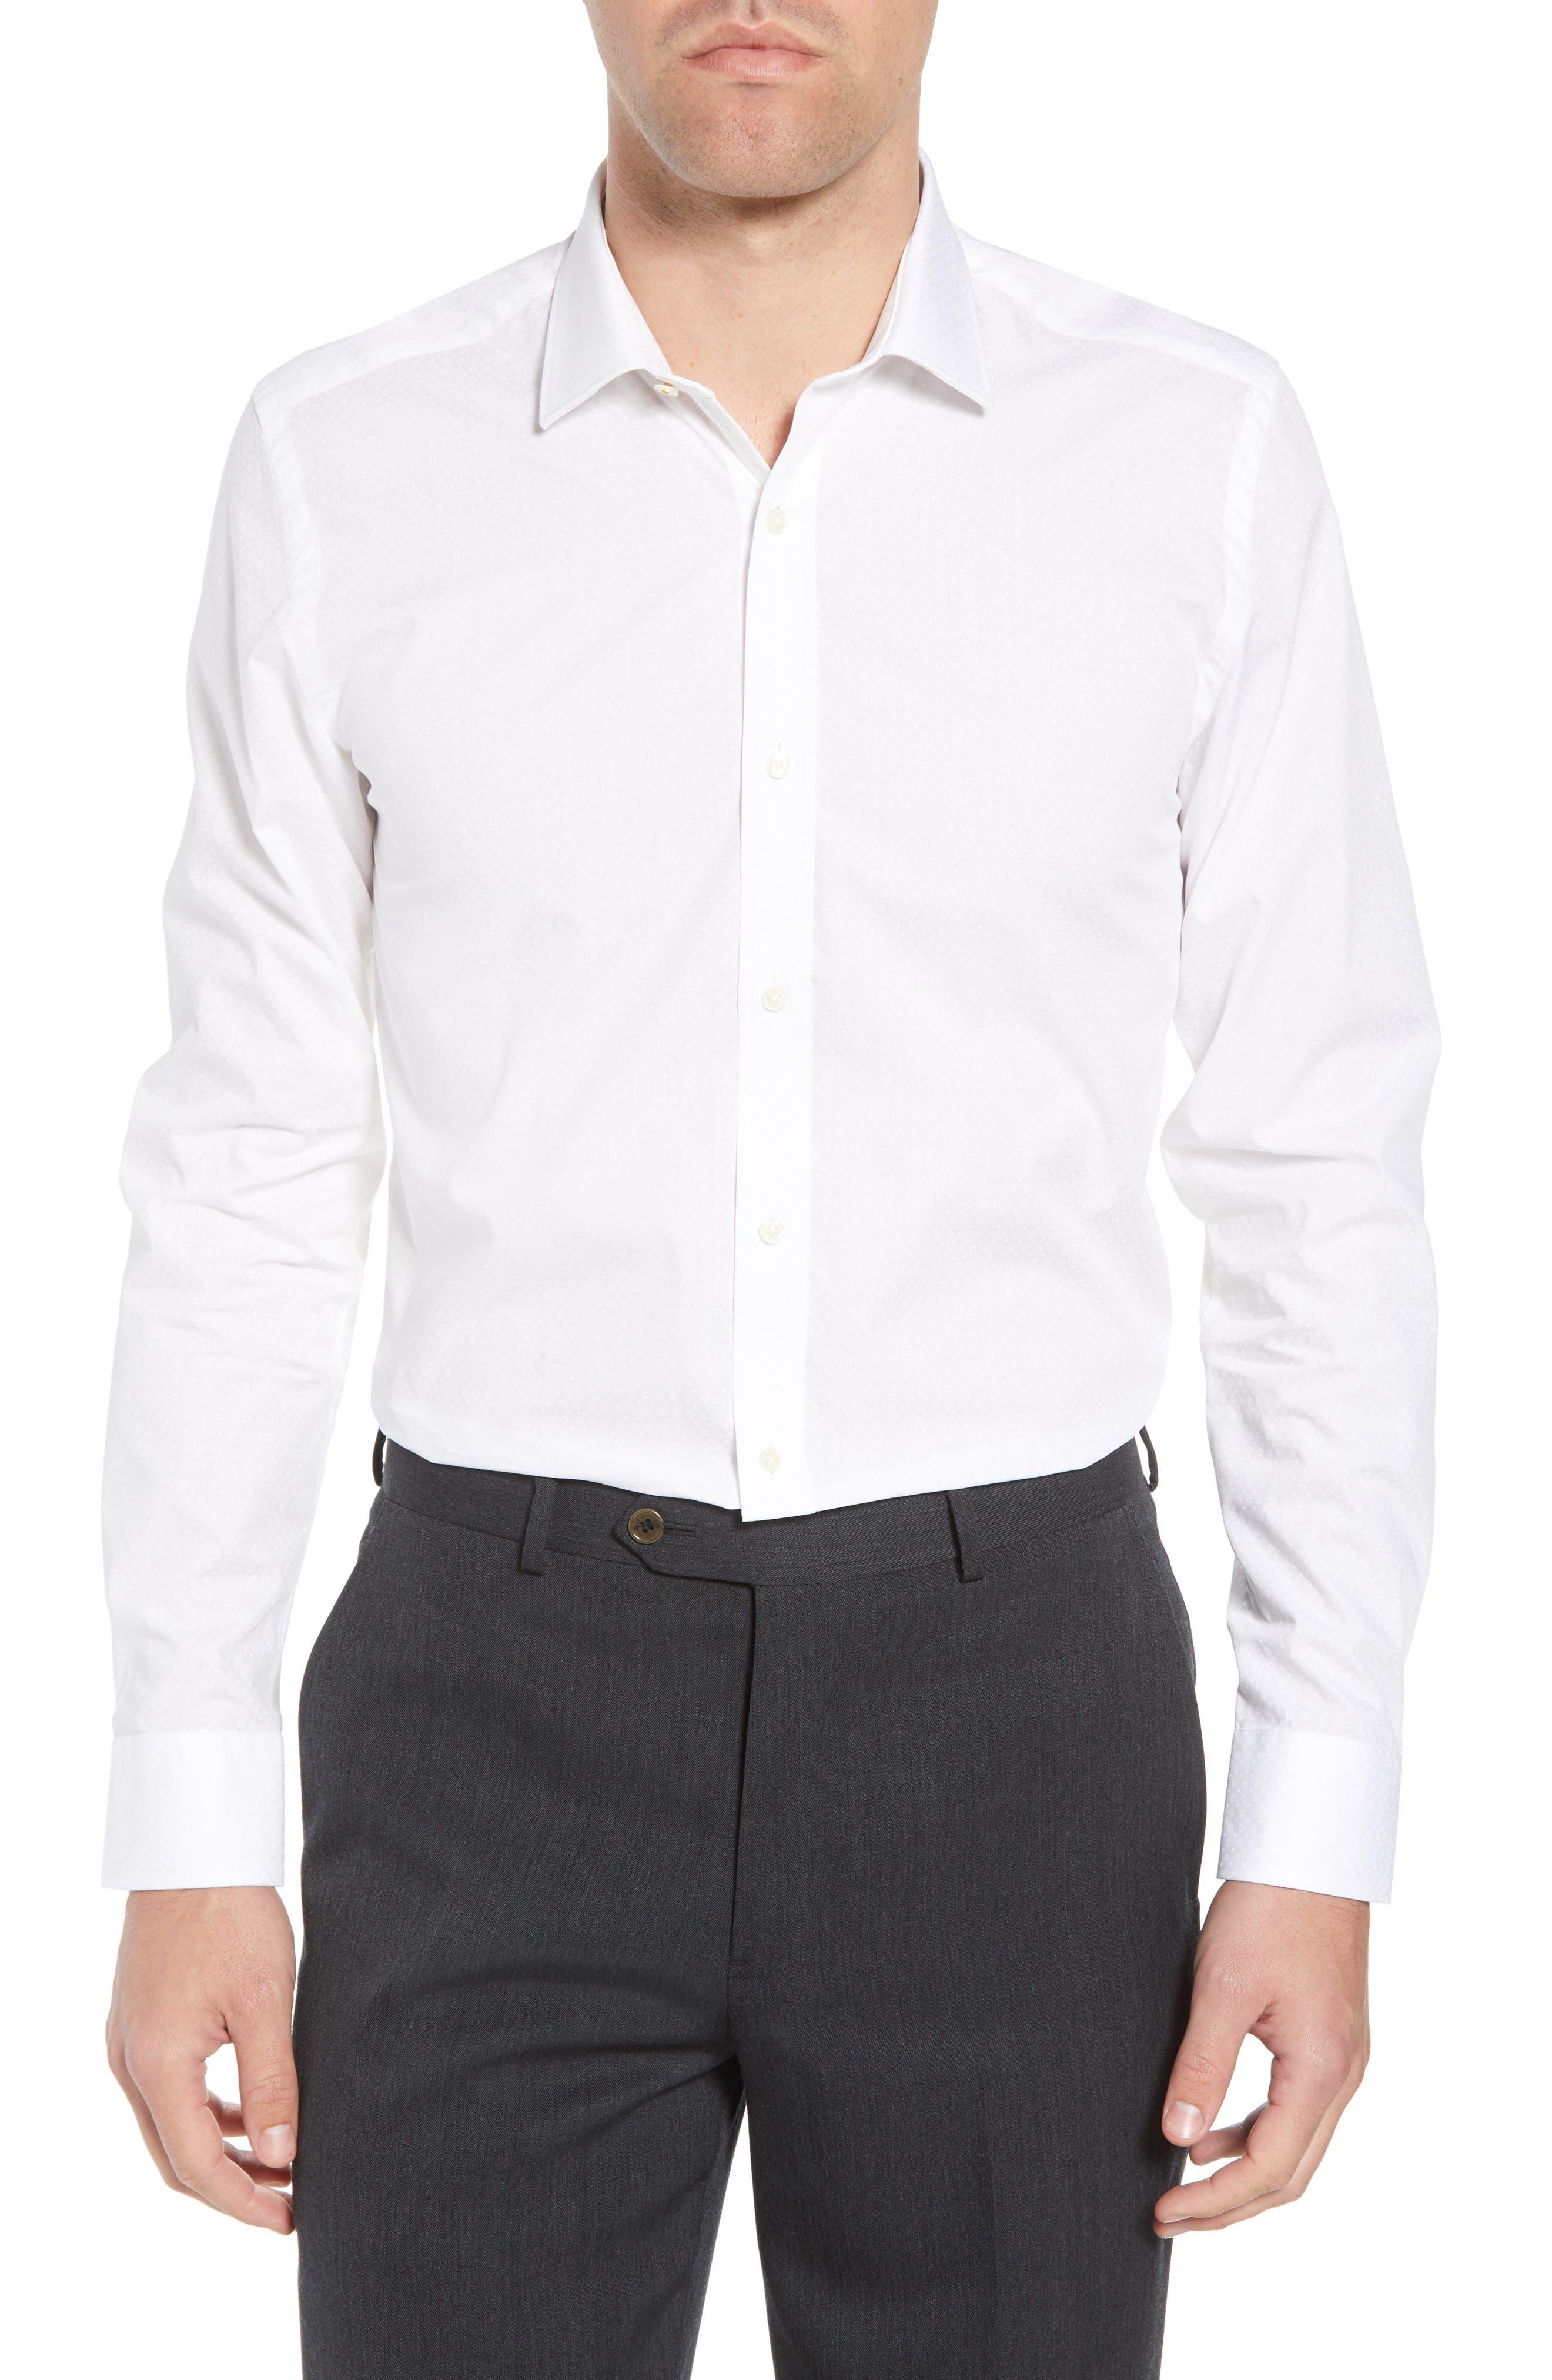 Loops Slim Fit Dress Shirt,                         Main,                         color, 110